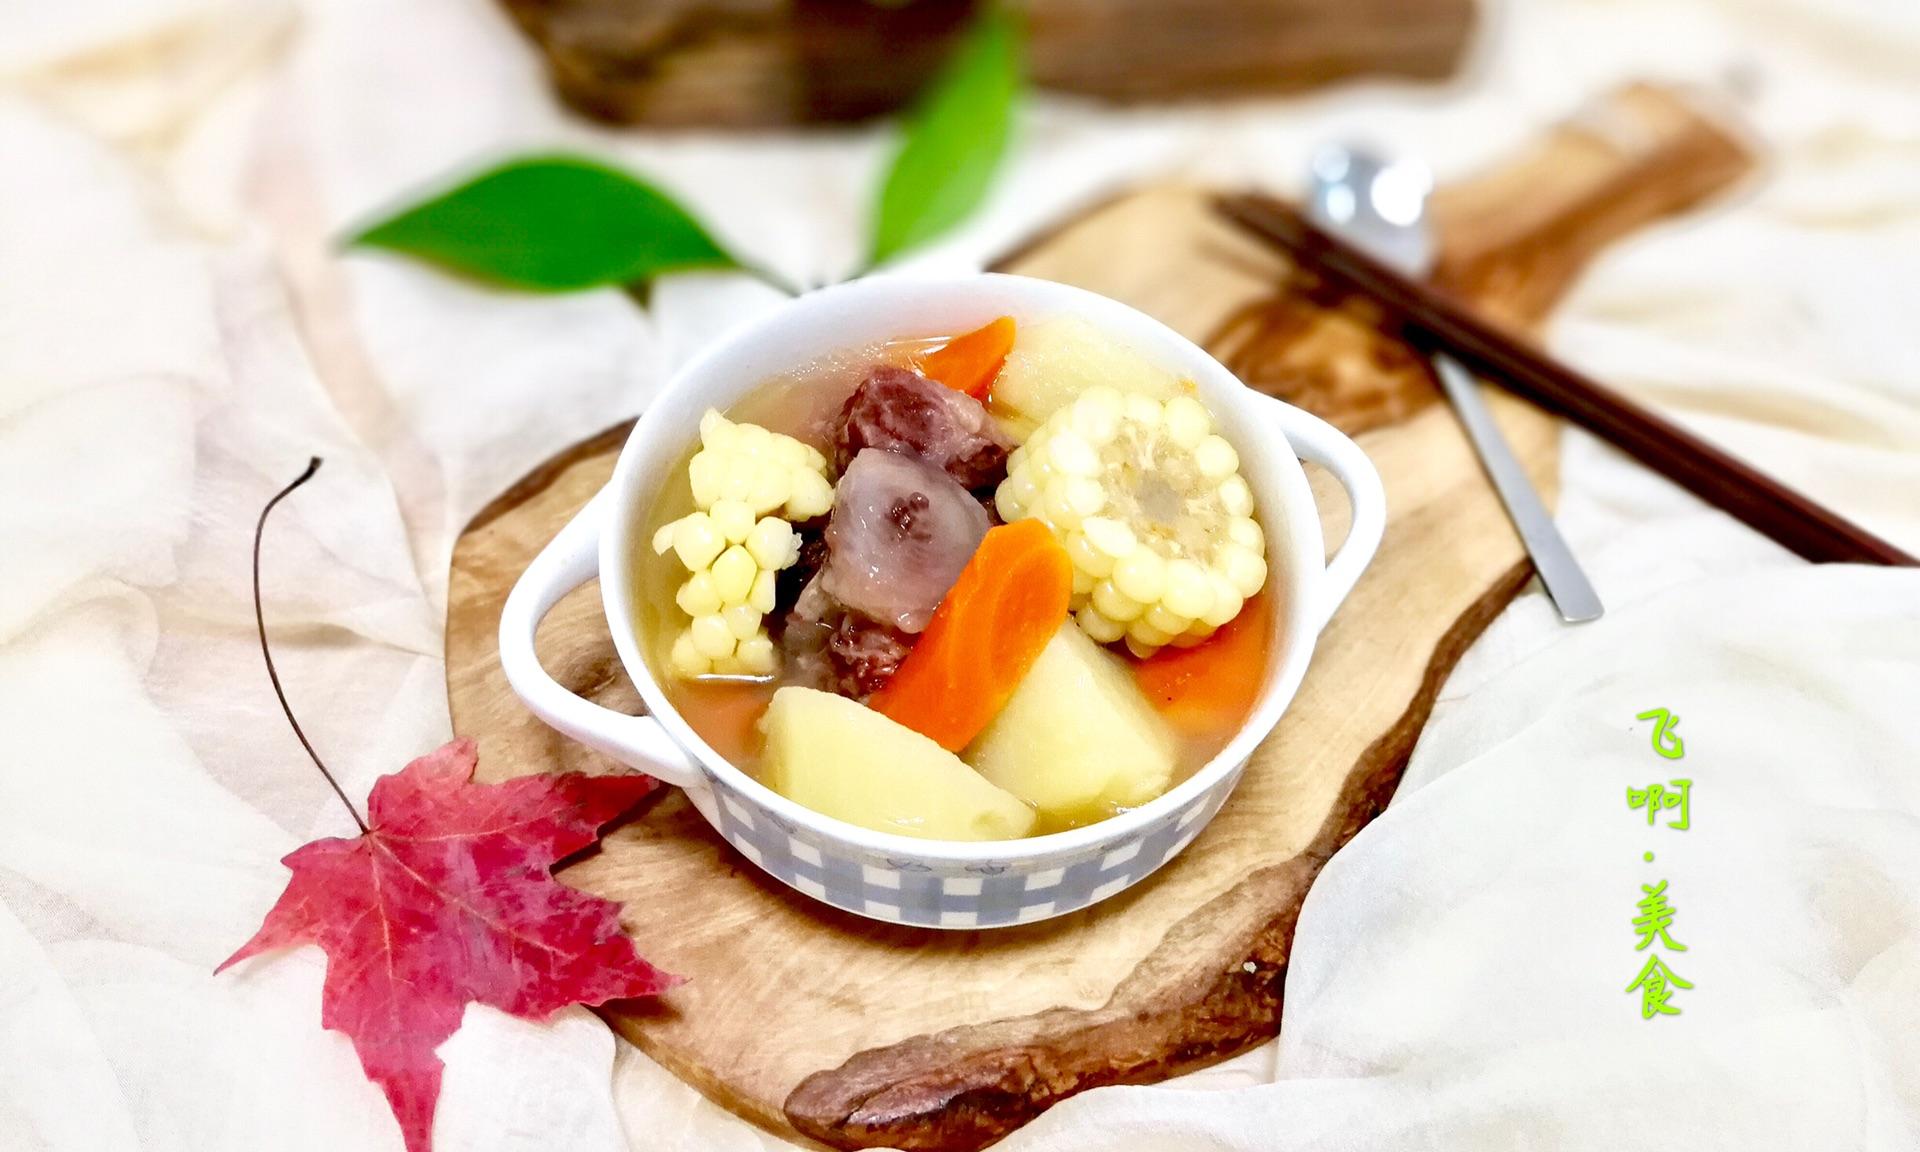 高速美食玉米汤的原味_做法_豆果腊肉现在湖南菜谱可以上牛尾吗图片